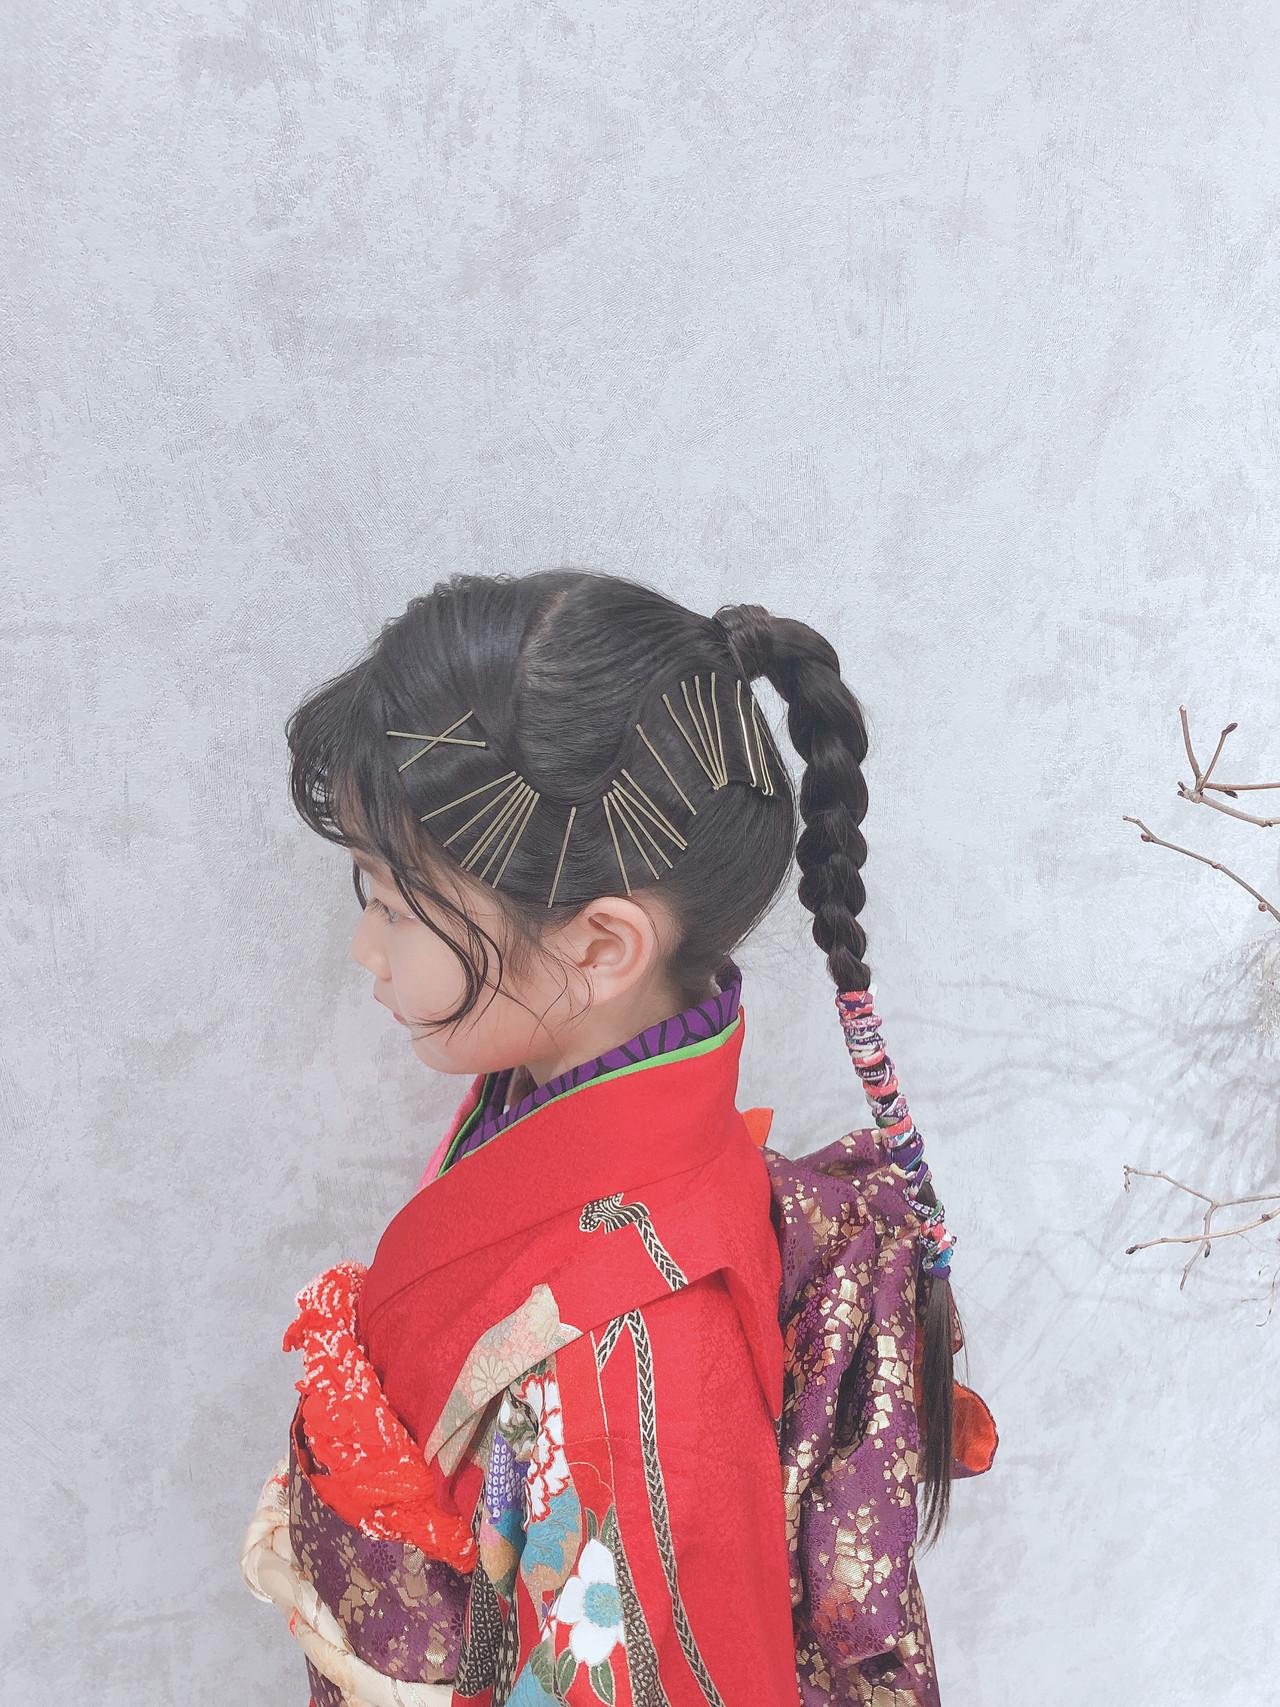 ポニーテール キッズ モード ヘアアレンジ ヘアスタイルや髪型の写真・画像